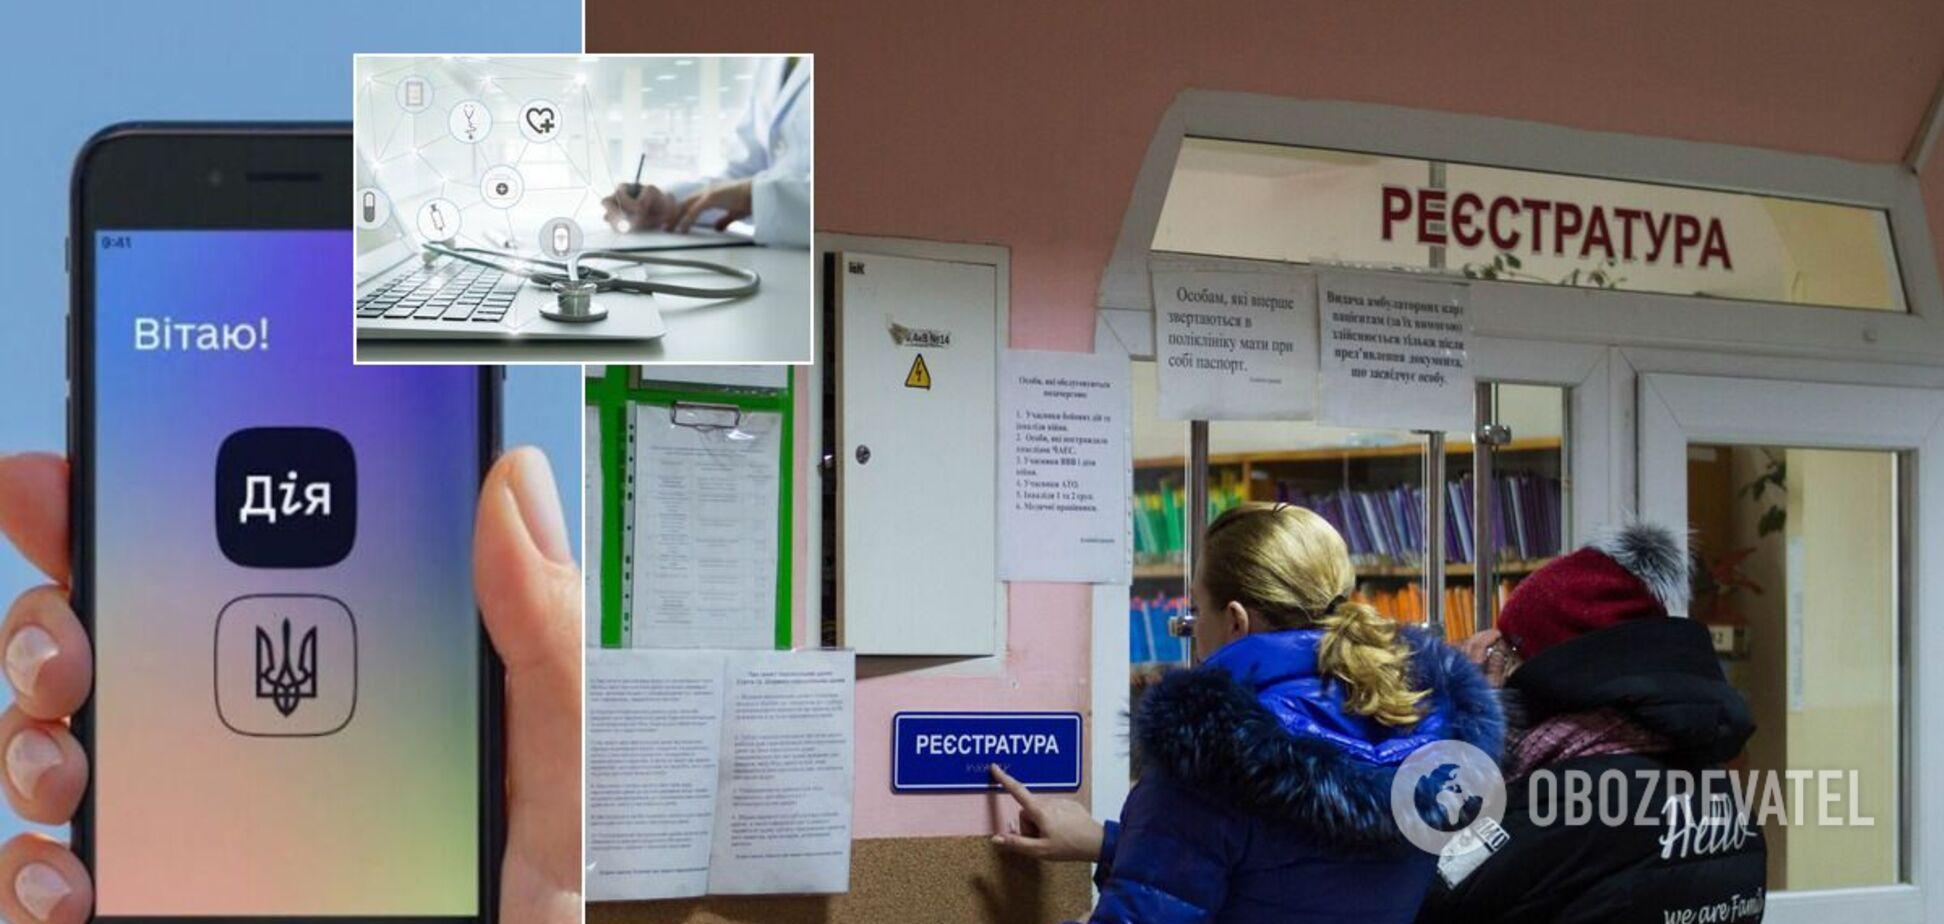 Минздрав планирует ввести электронный кабинет пациента: как он будет работать